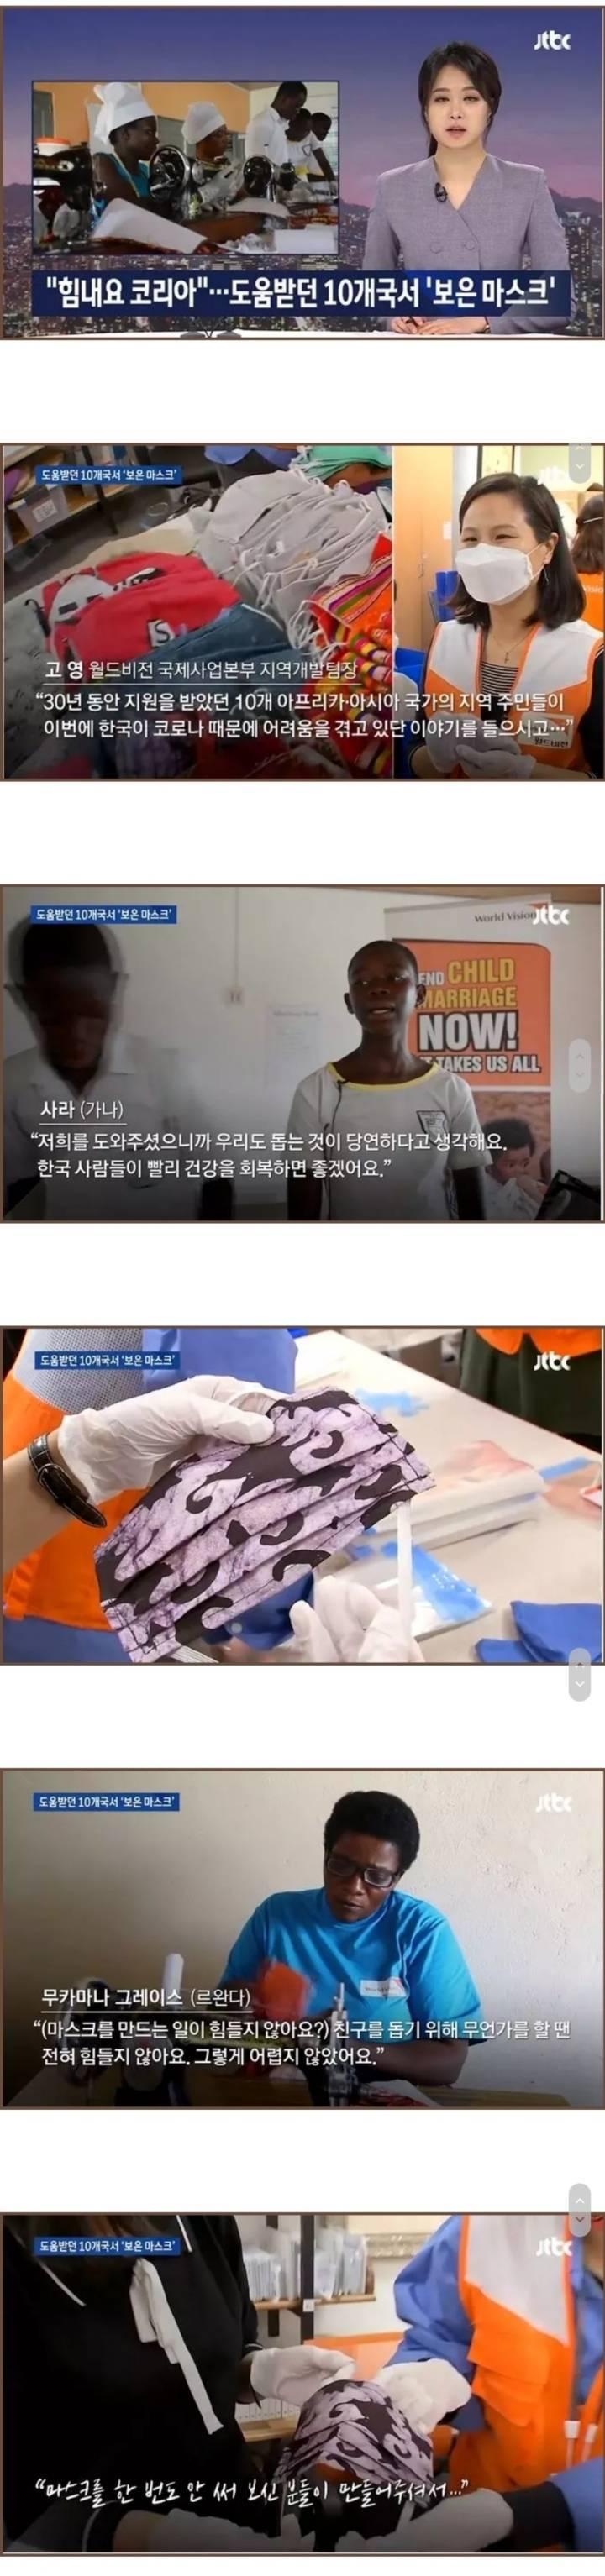 한국은 우리를 도와준 나라.. 힘내요 코리아 | 인스티즈